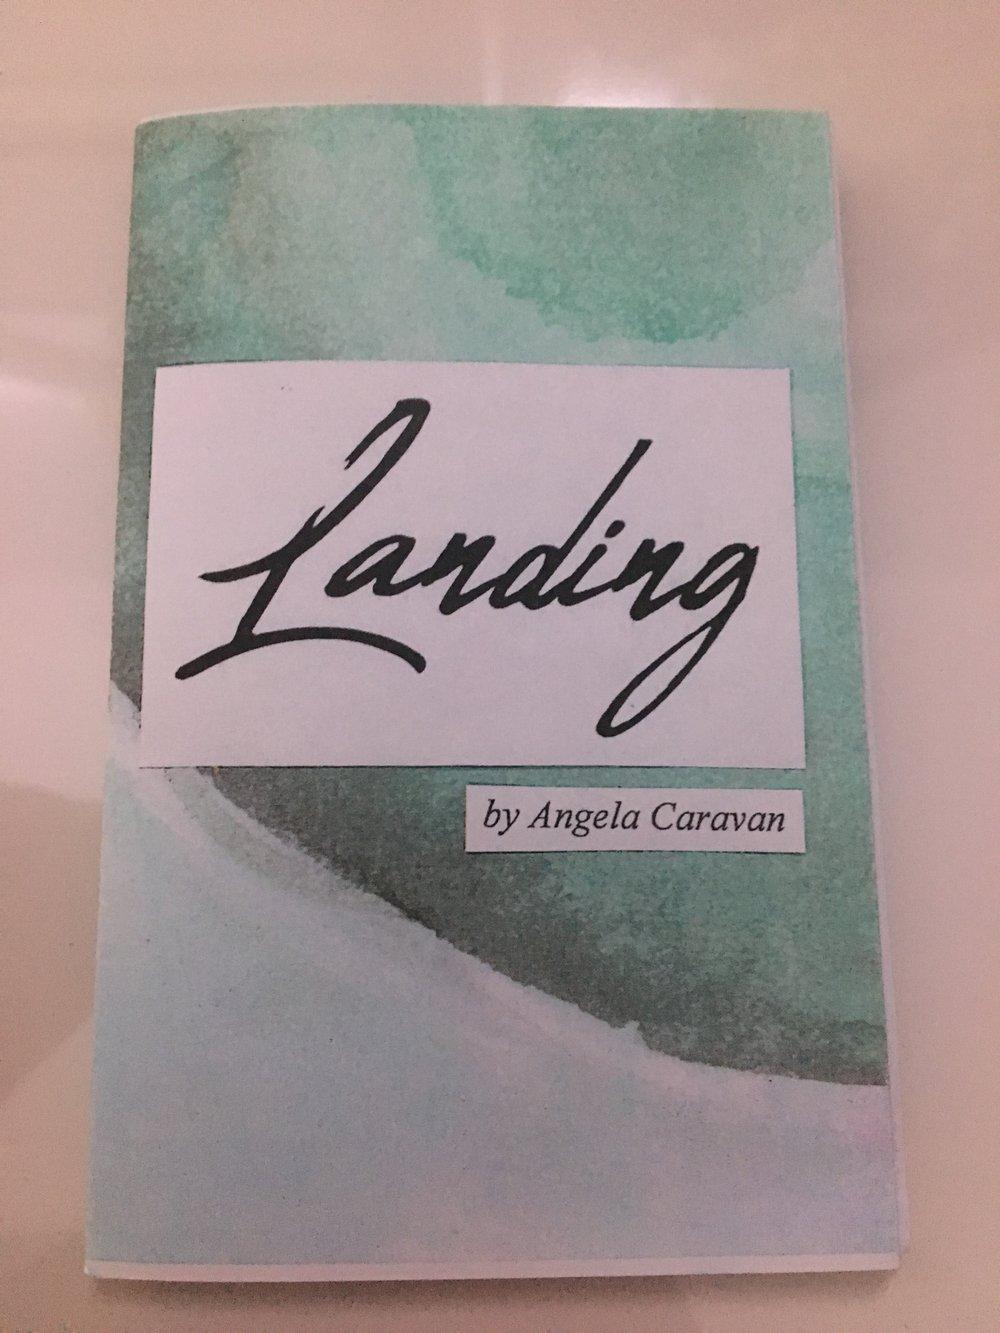 Landing by Angela Caravan